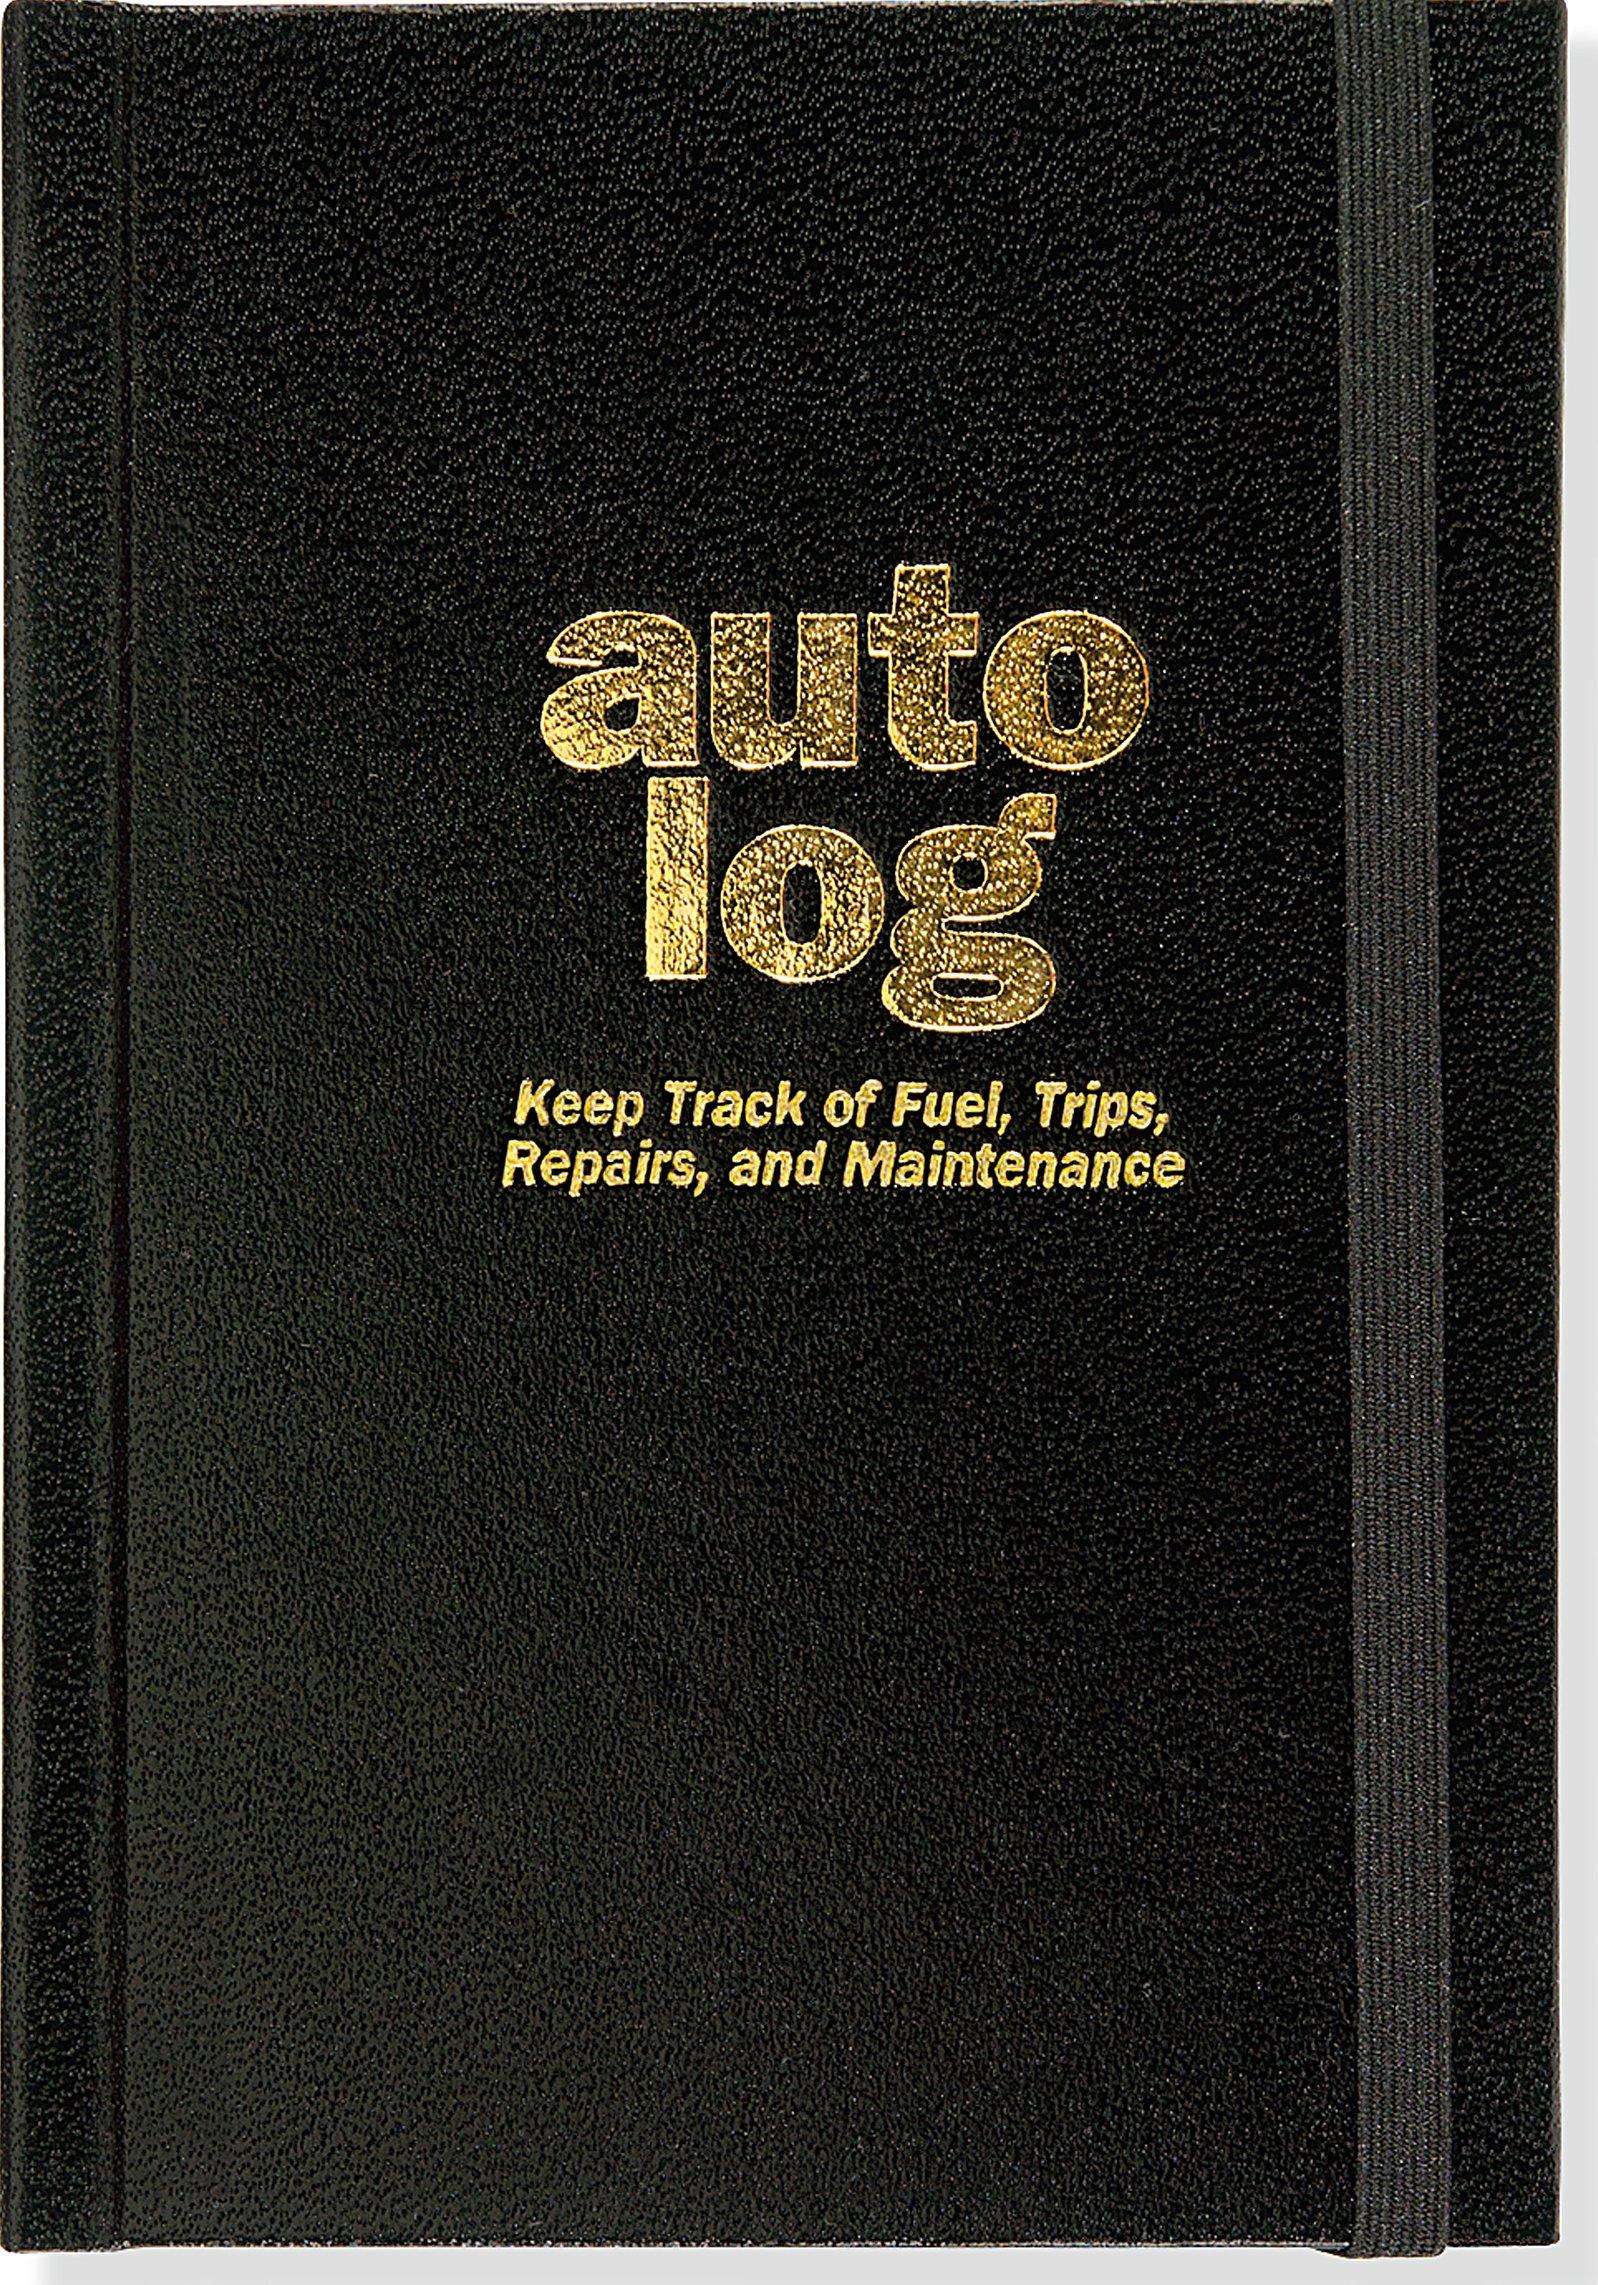 auto log book peter pauper press 9781441319586 amazon com books